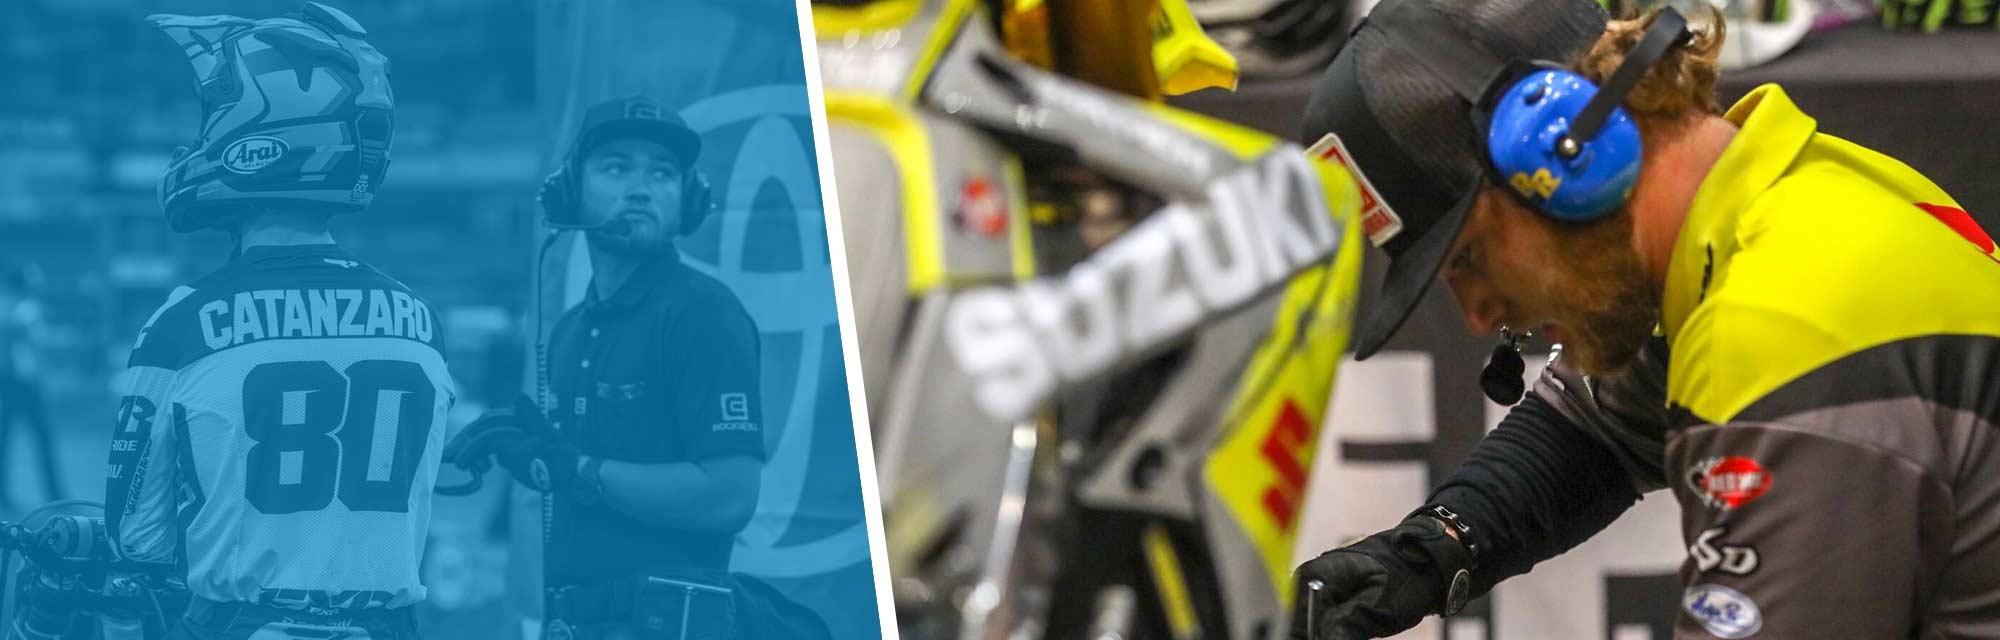 Derrick Sorensen: From MMI Student to the Suzuki Race Team